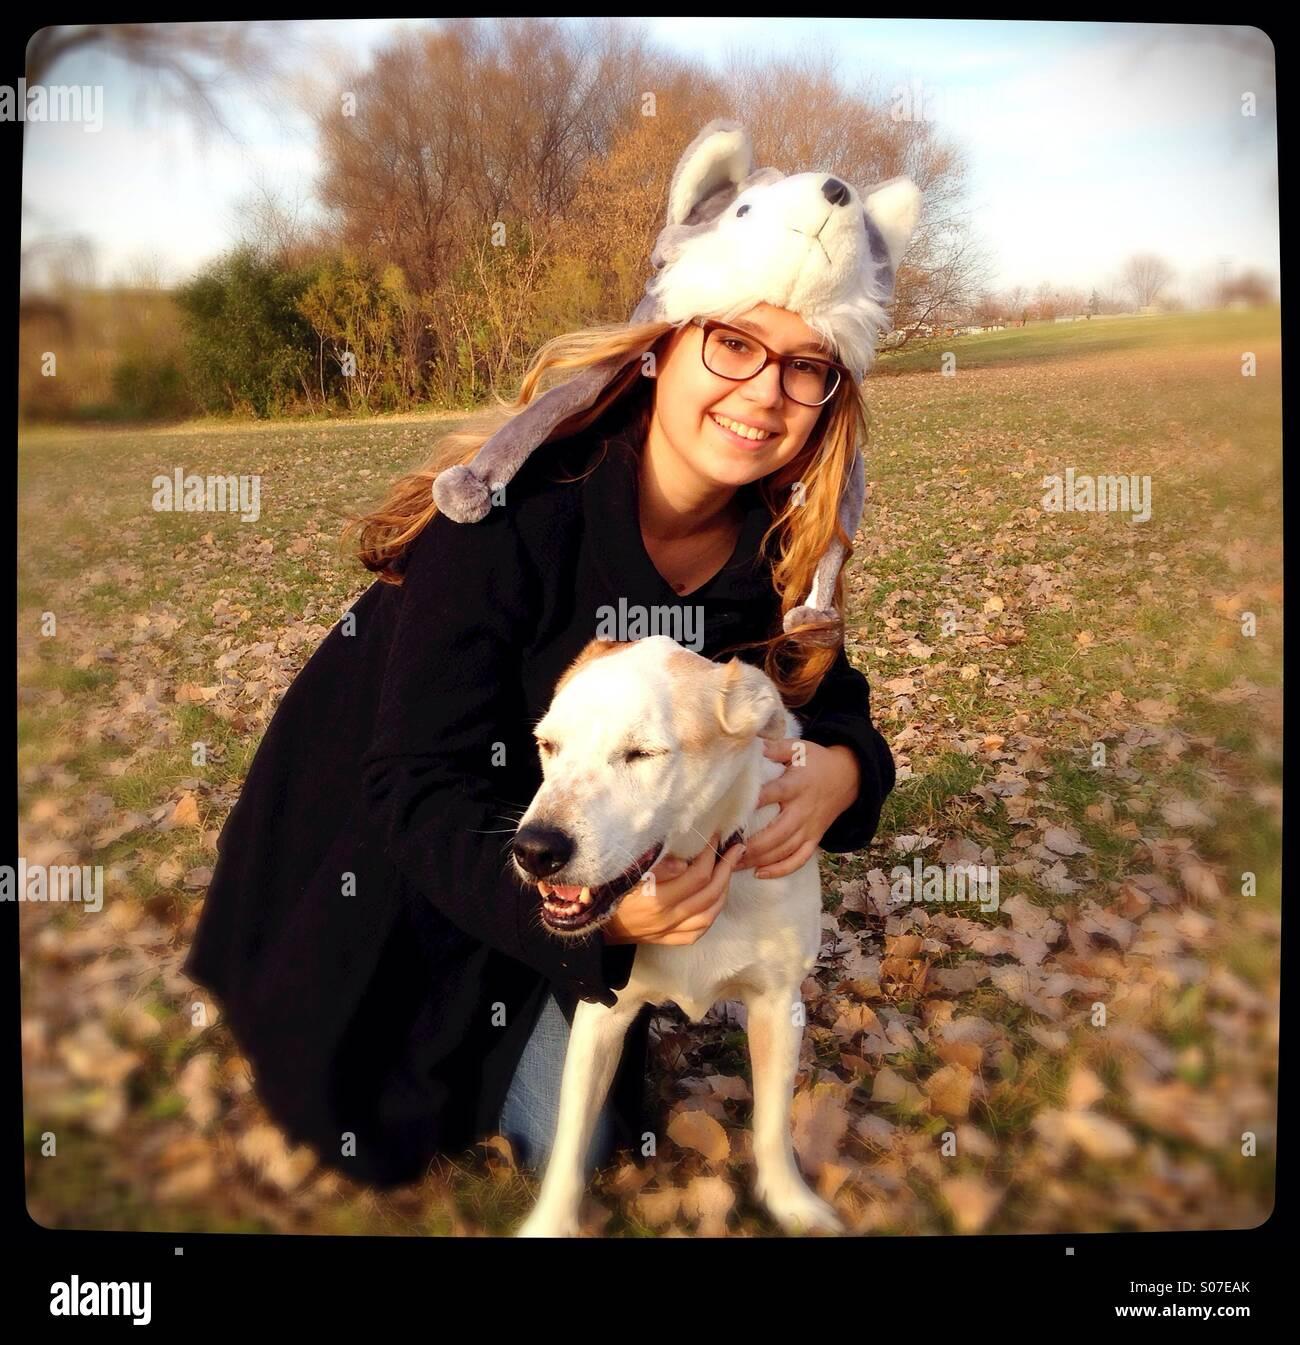 Una ragazza adolescente abbracciando un Happy dog. Immagini Stock